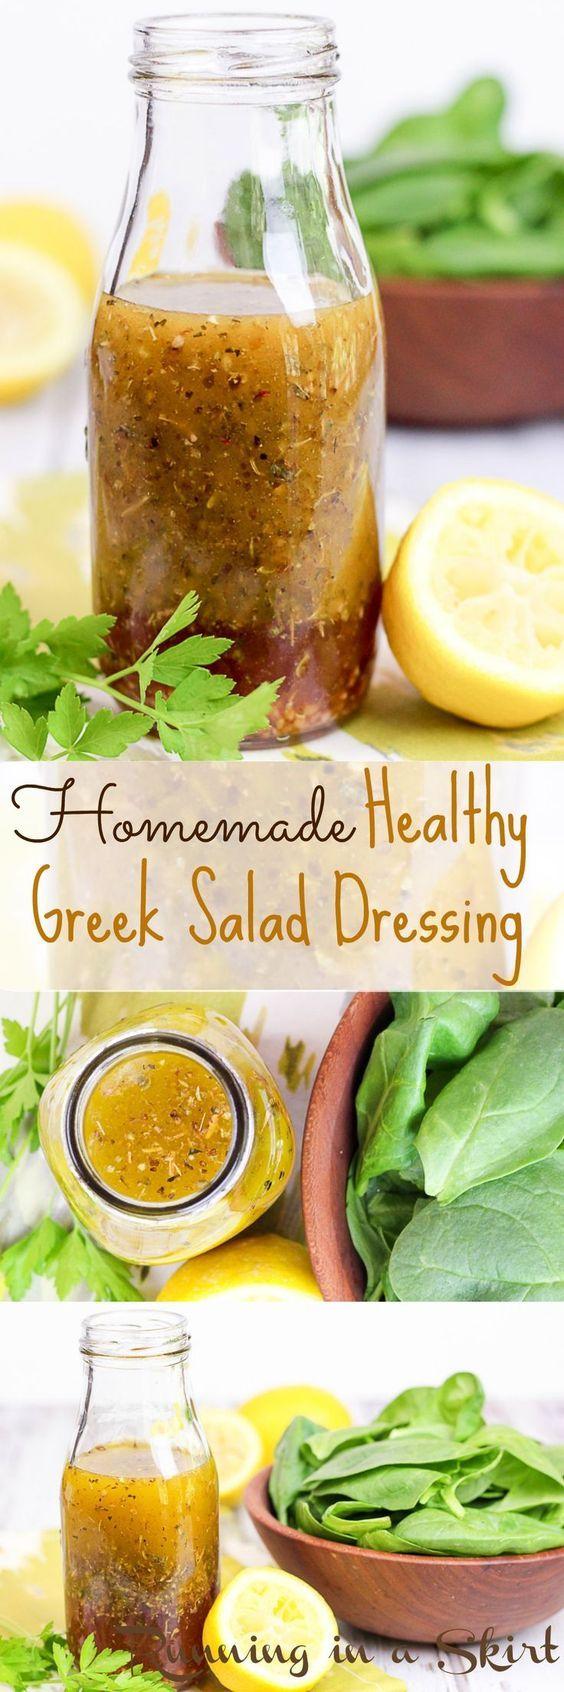 Selbst gemachte gesunde griechische Salatsoße-Rezepte. DIY mit nur 7 Zutaten !! Cle …   – Salads